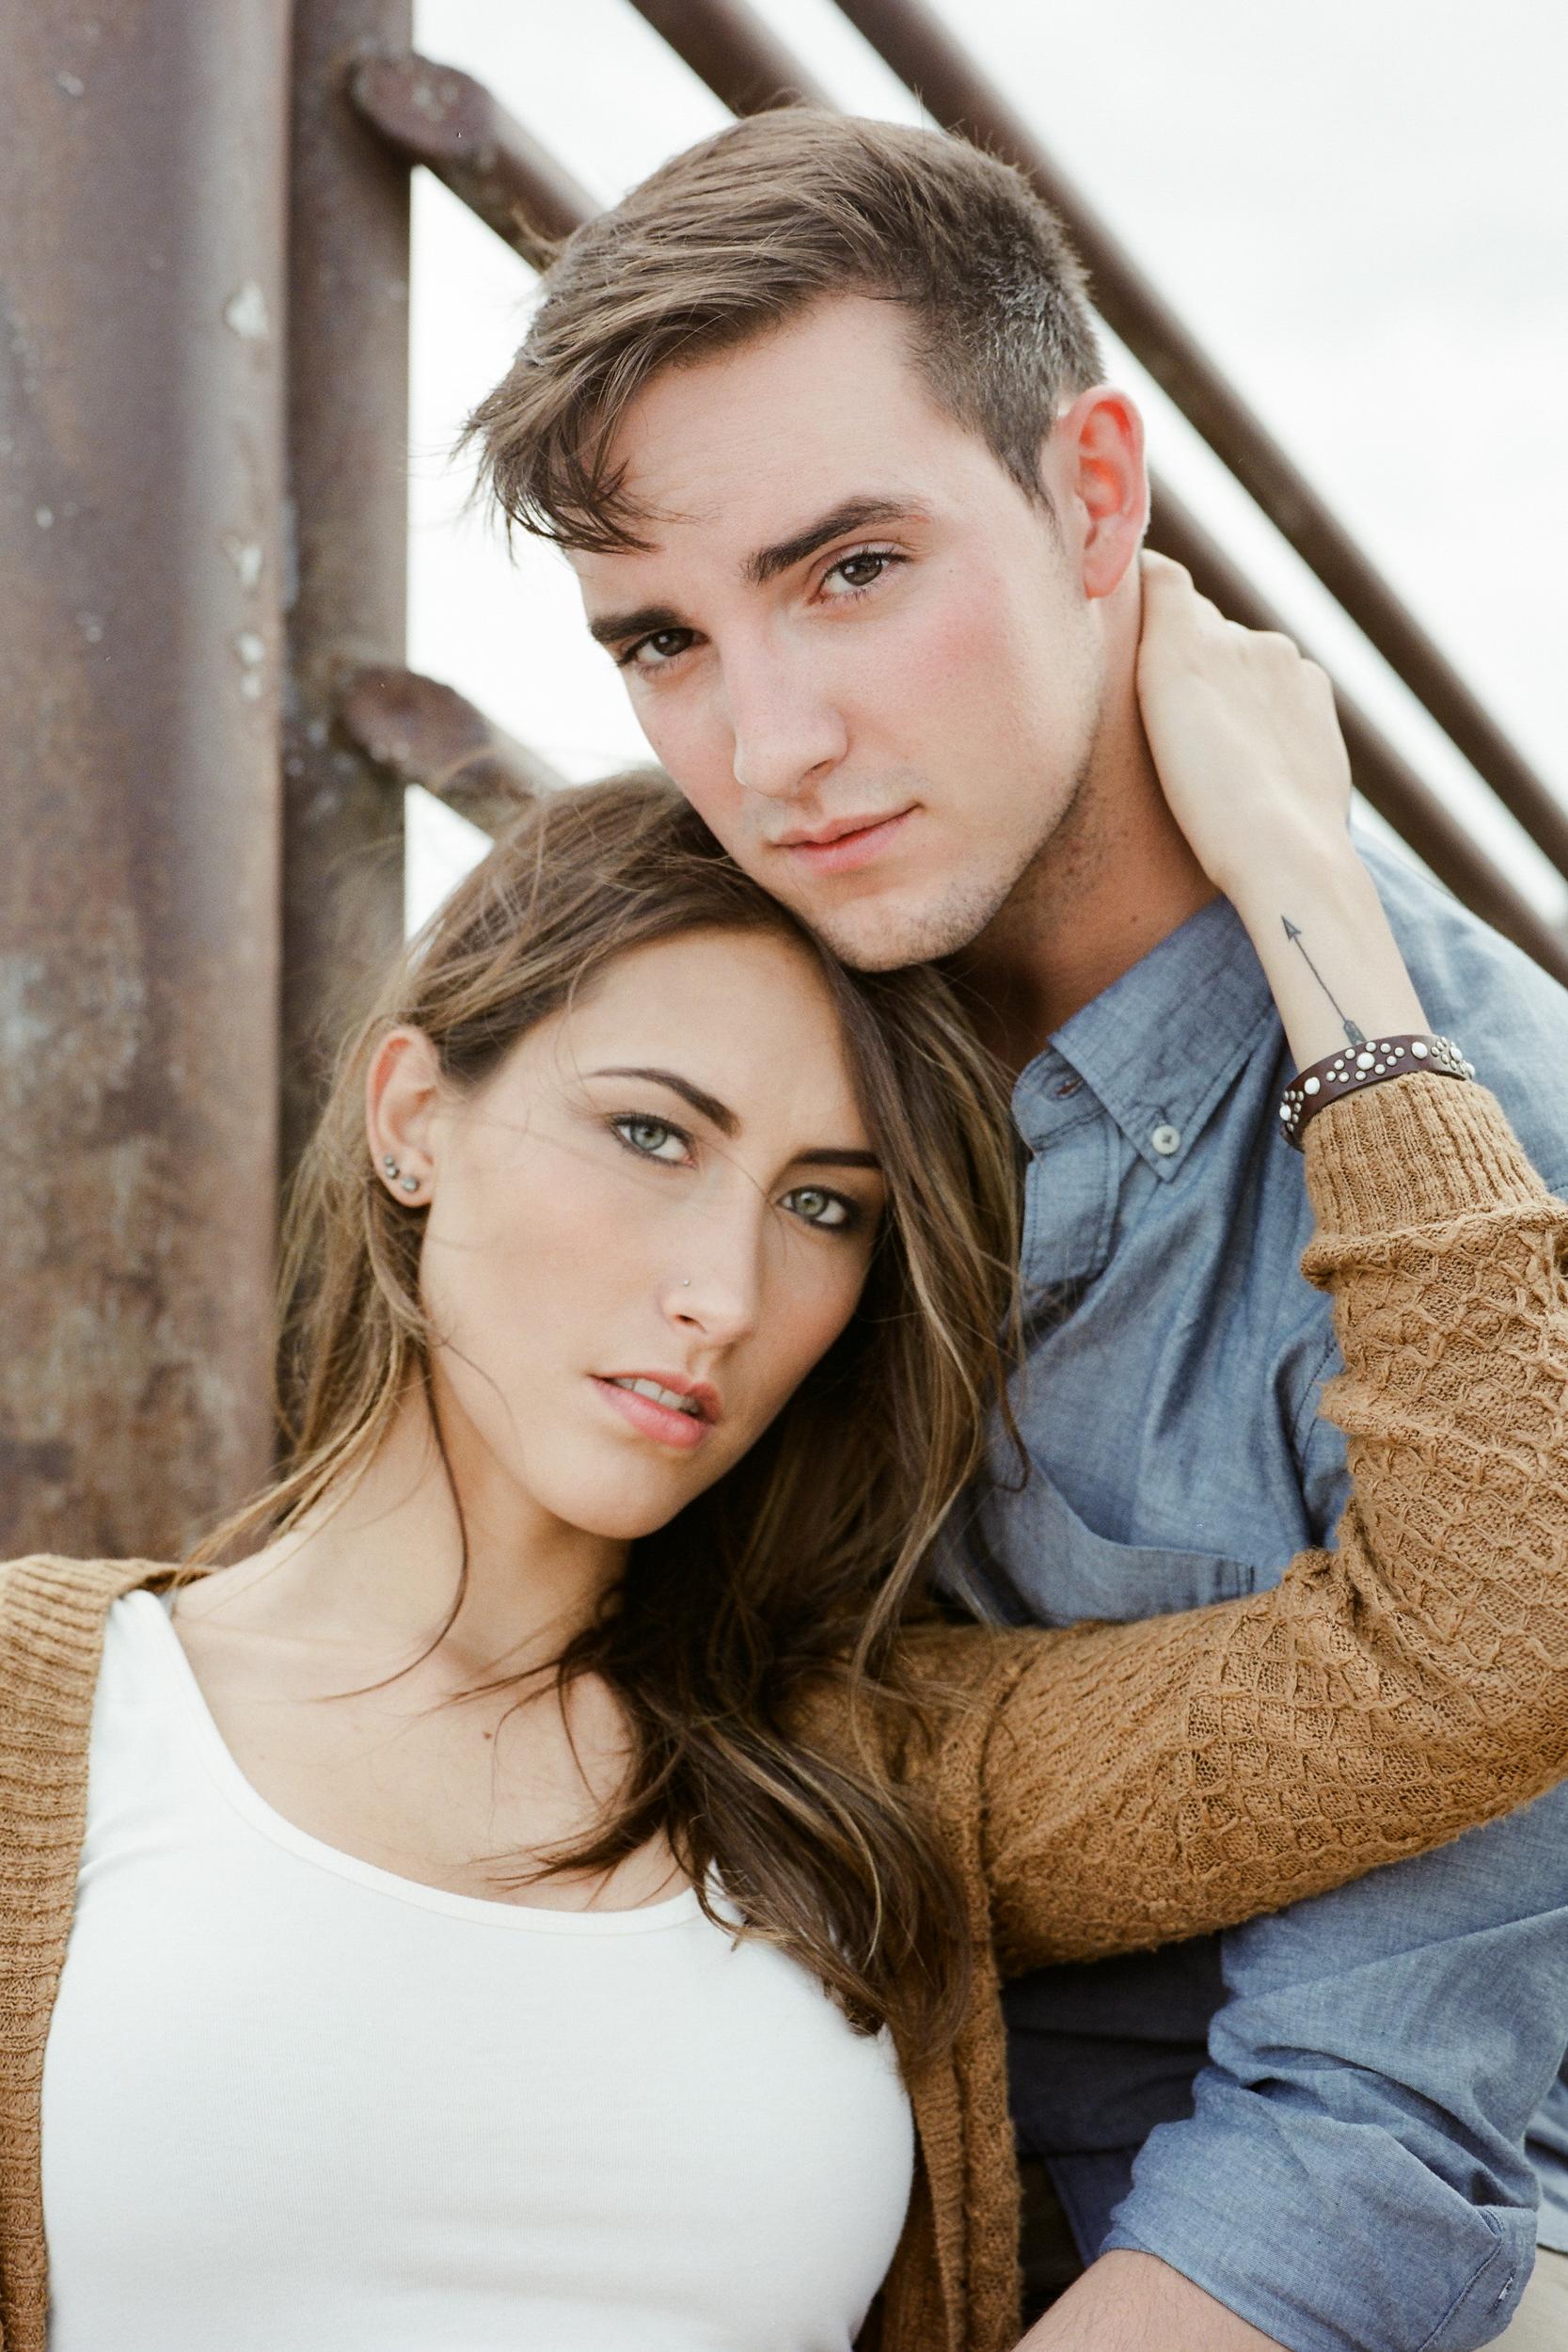 clovis-new-mexico-farm-couples-portrait